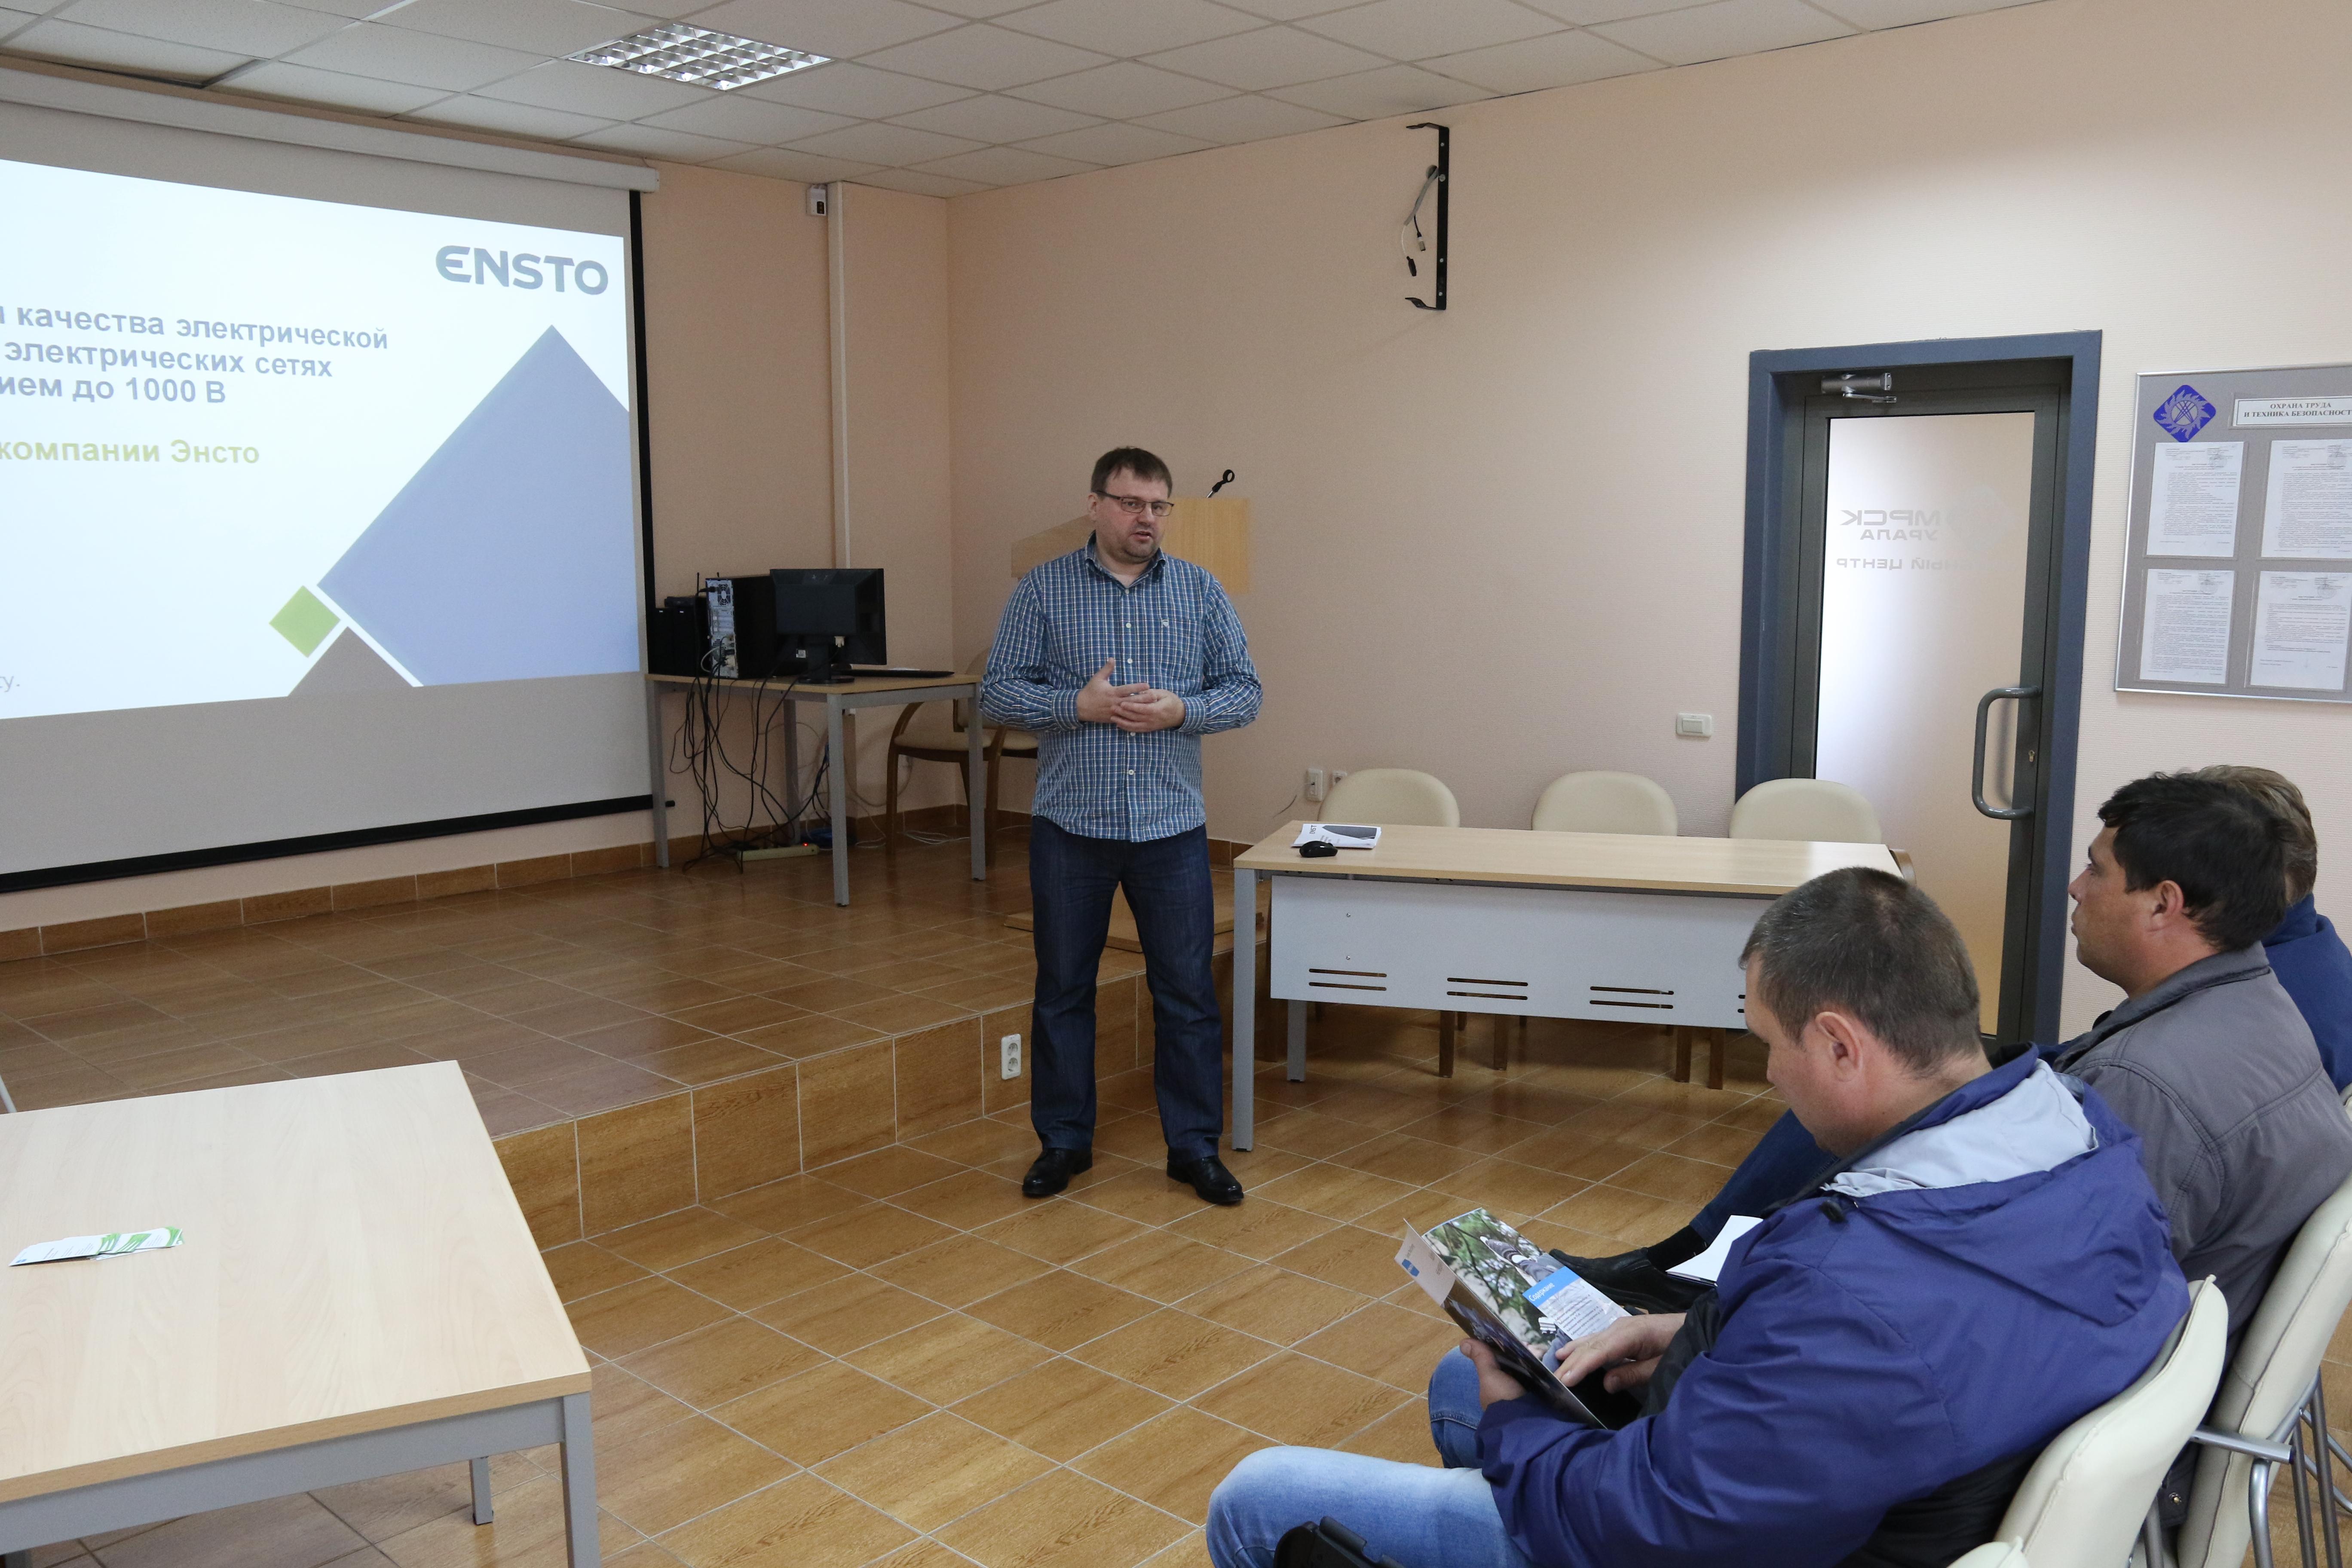 семинар Энсто